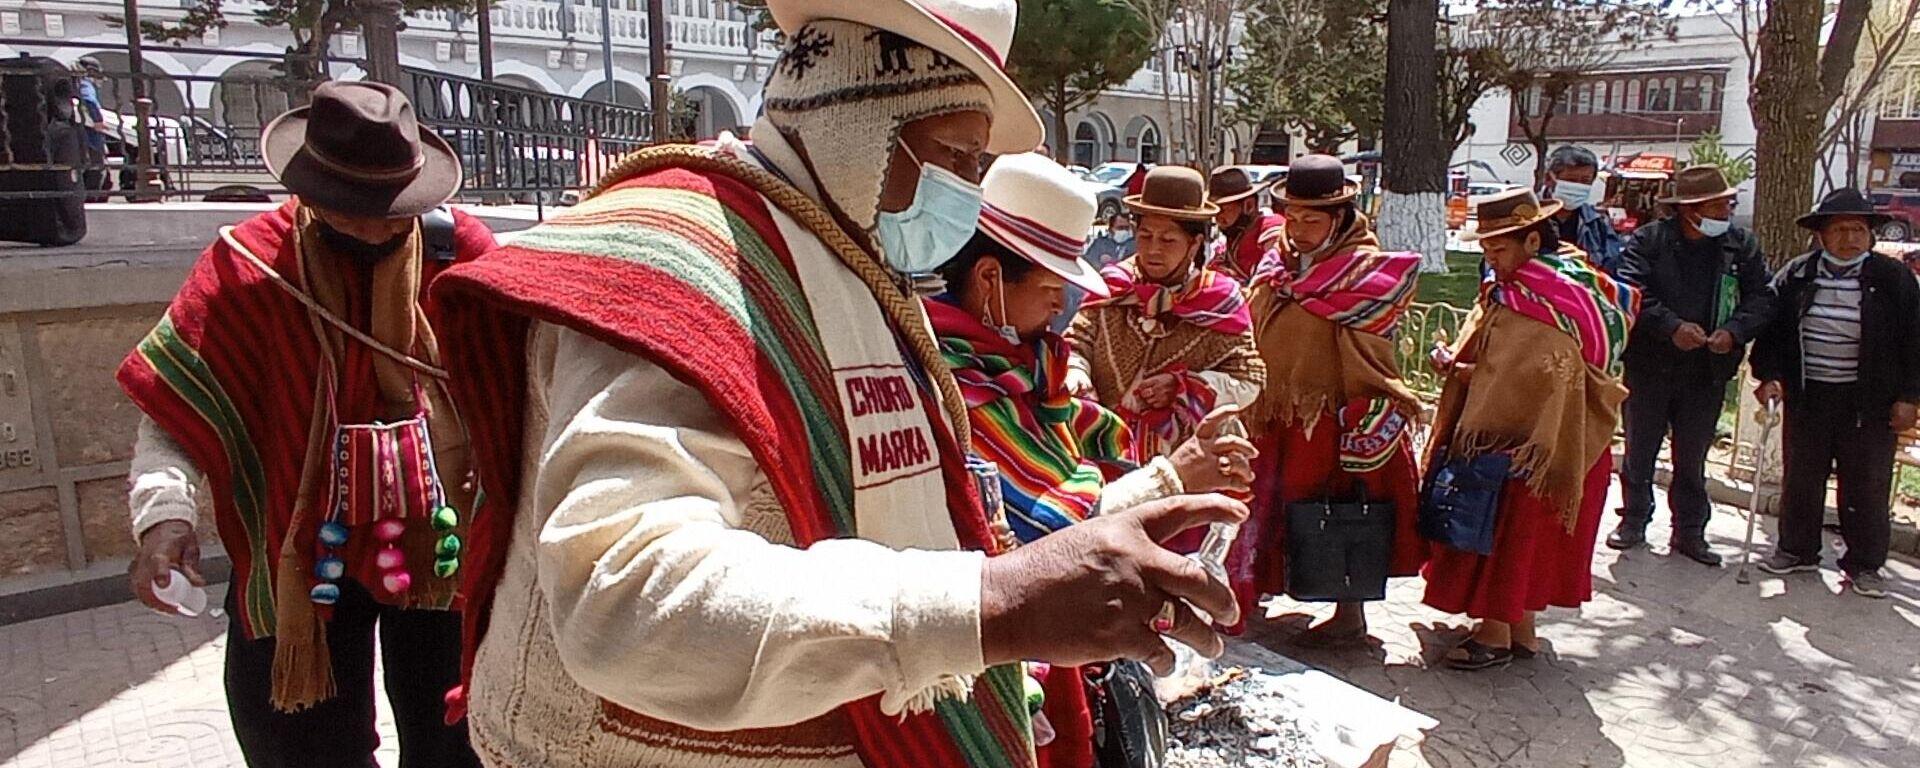 Comunidades indígenas realizan una ofrenda a la Pachamama en Oruro - Sputnik Mundo, 1920, 28.08.2021